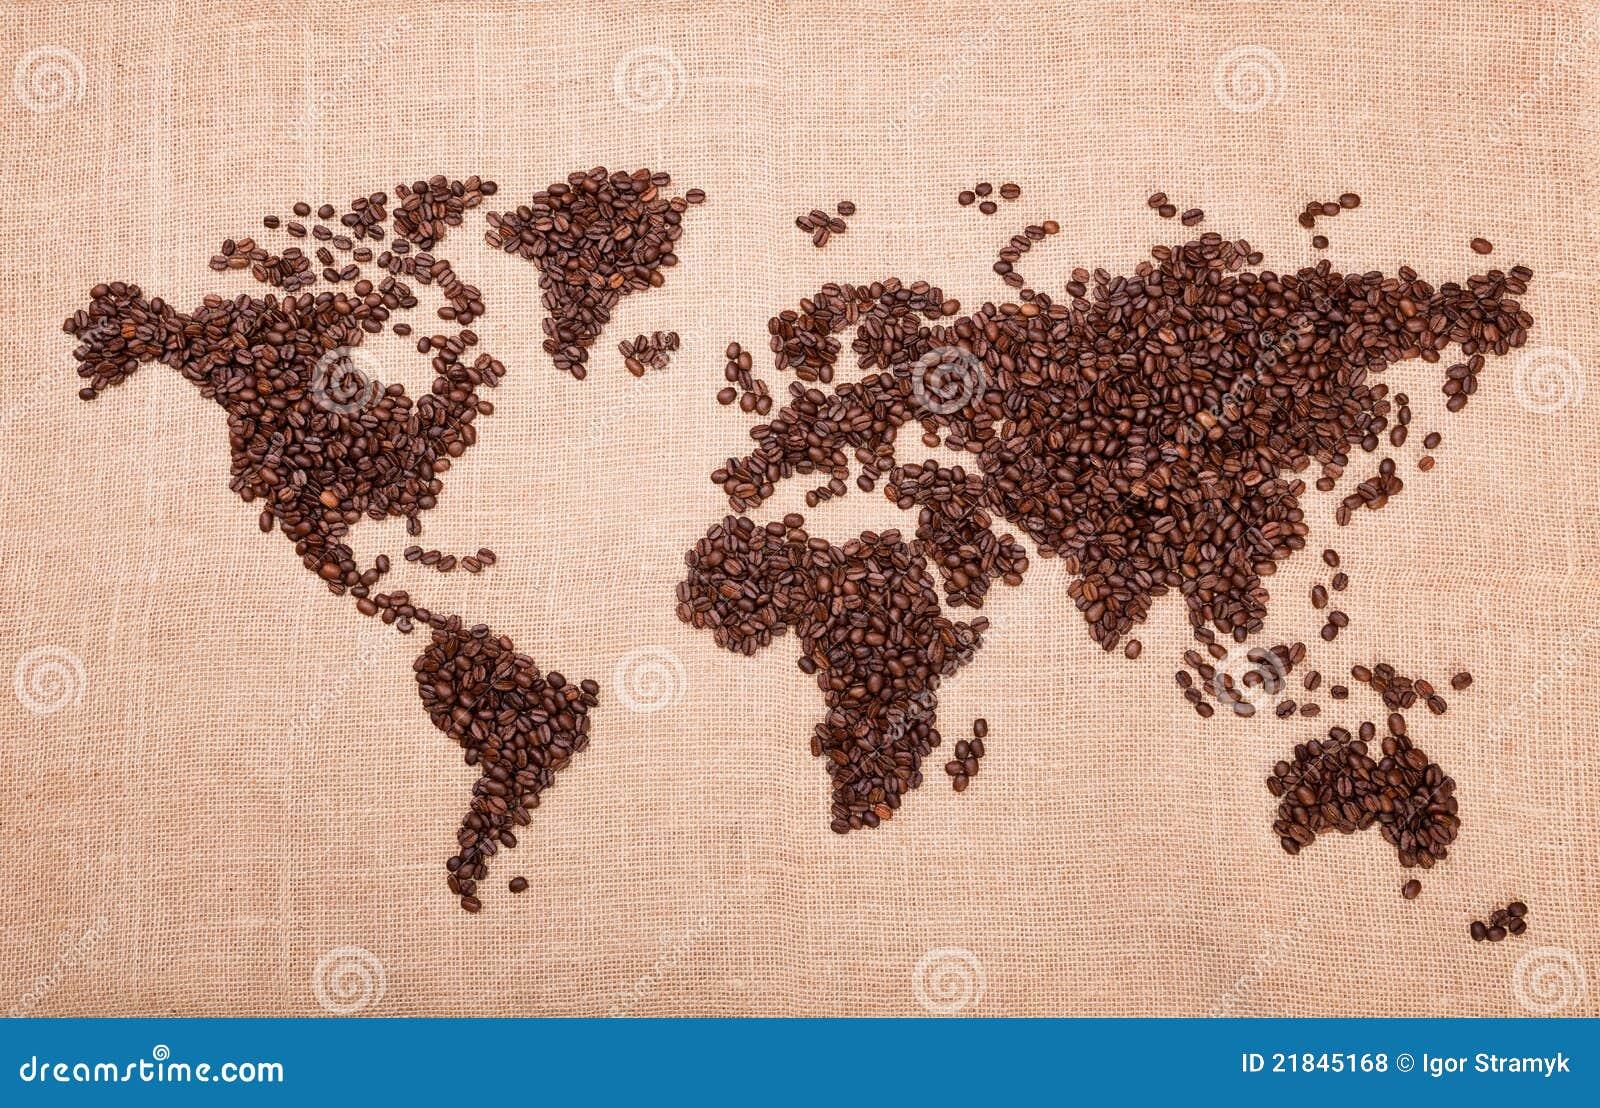 Carte faite de café